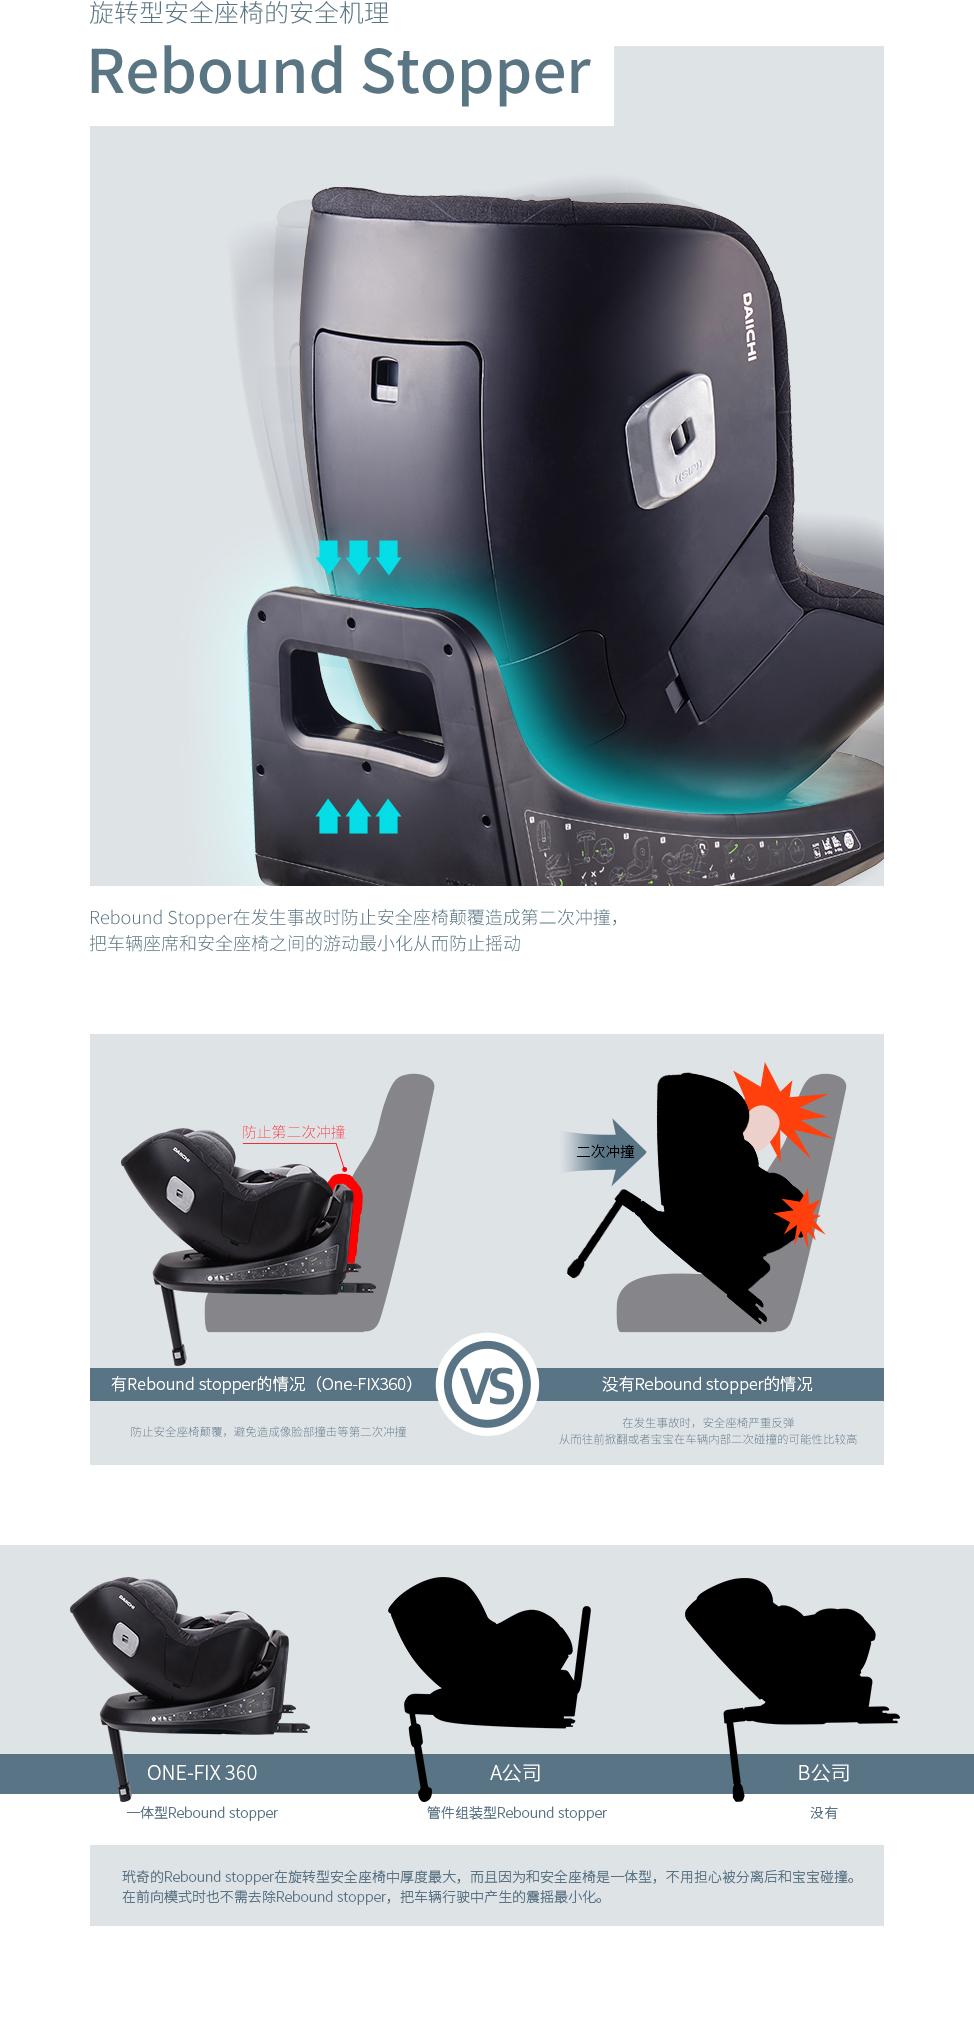 Rebound Stopper在发生事故时防止安全座椅颠覆造成第二次冲撞,把车辆座席和安全座椅之间的游动最小化从而防止摇动. 是必需的旋转型安全座椅的安全系统